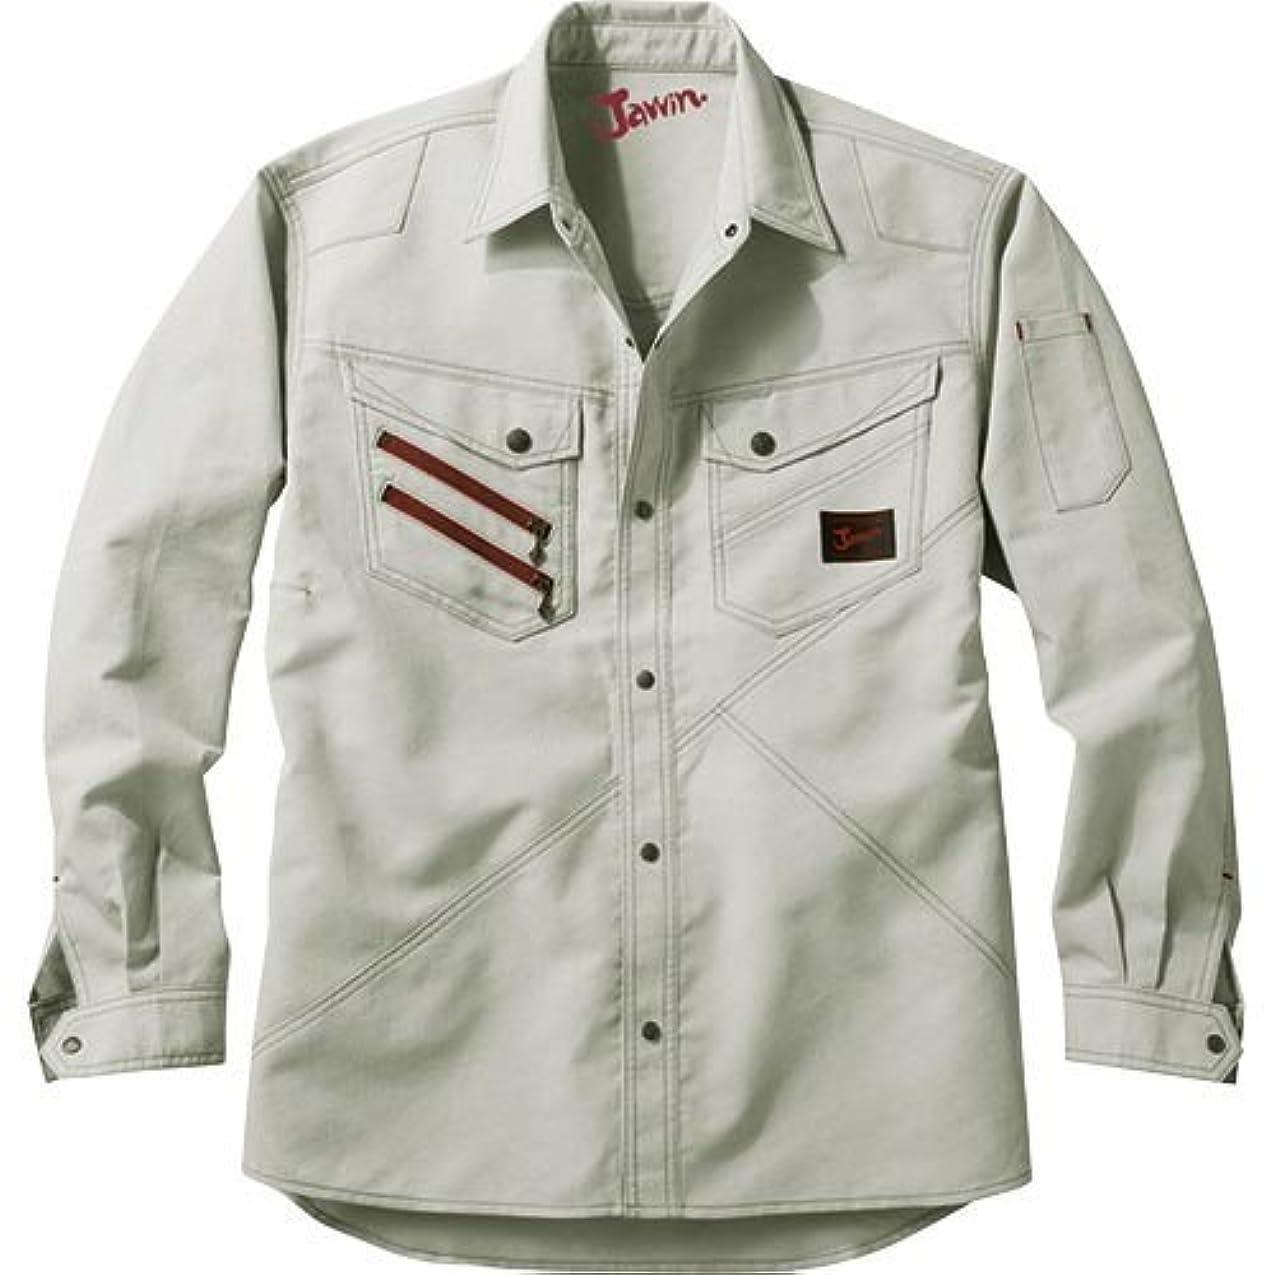 広く風変わりな結核自重堂 Jawin 長袖シャツ 56304 シルバー LLサイズ